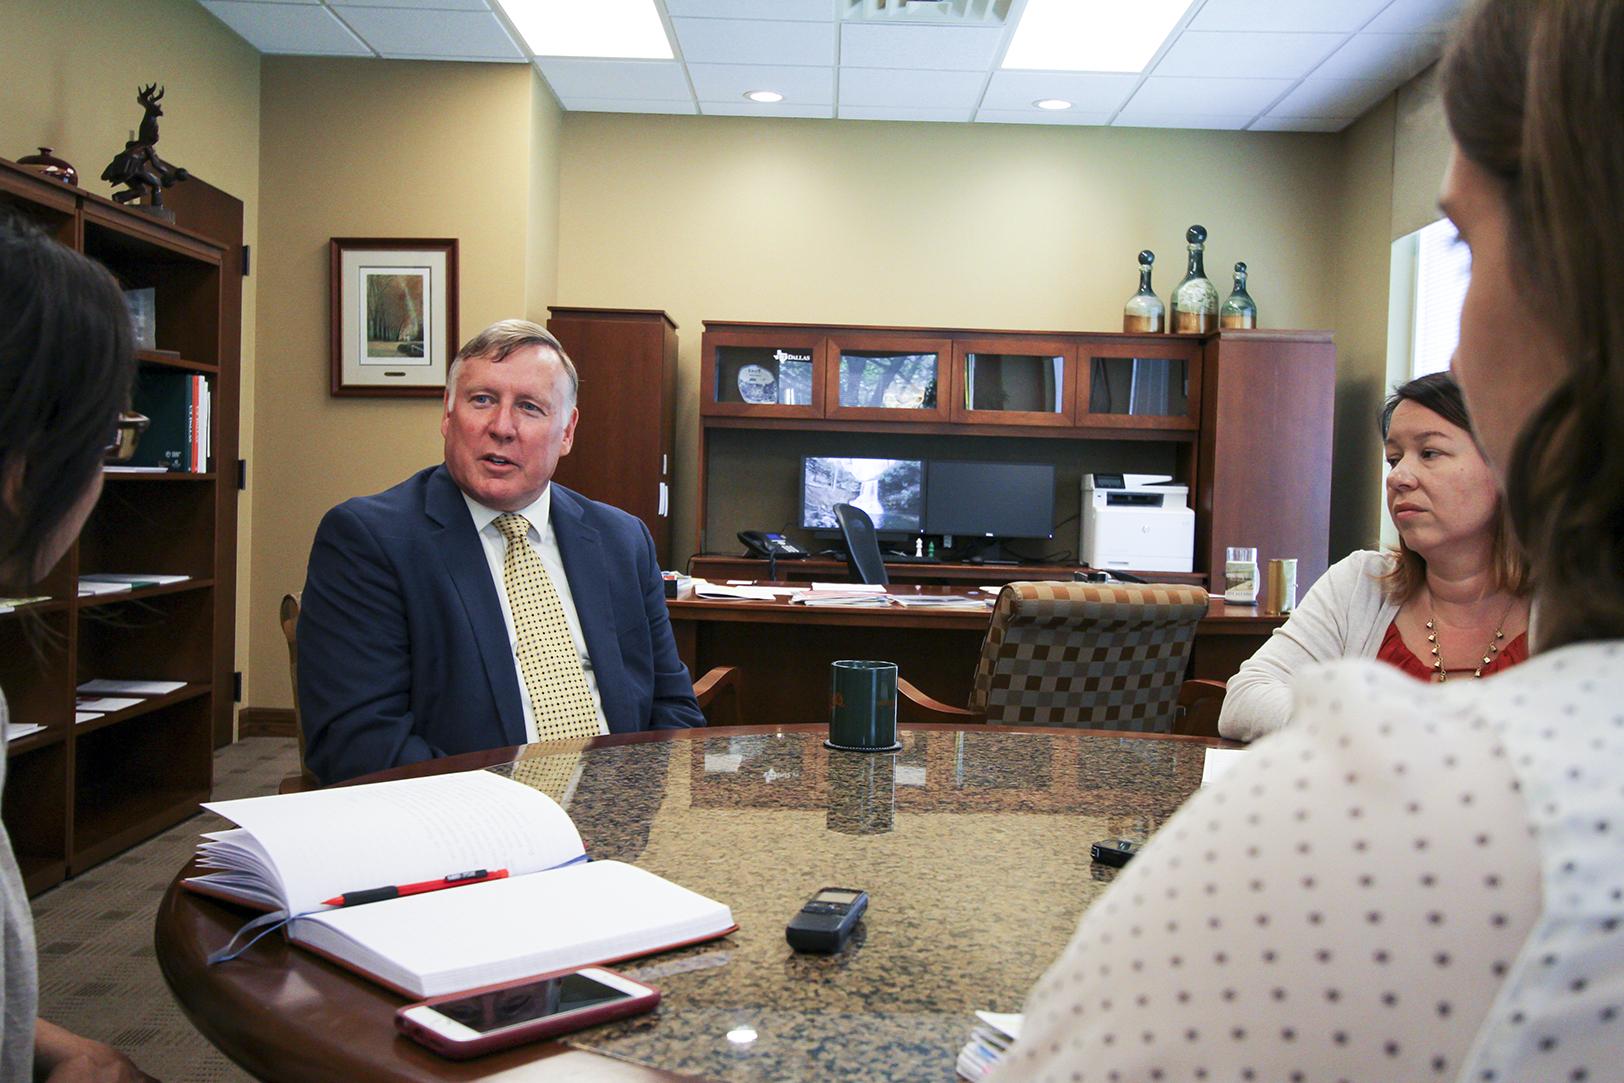 UTD president shares goals